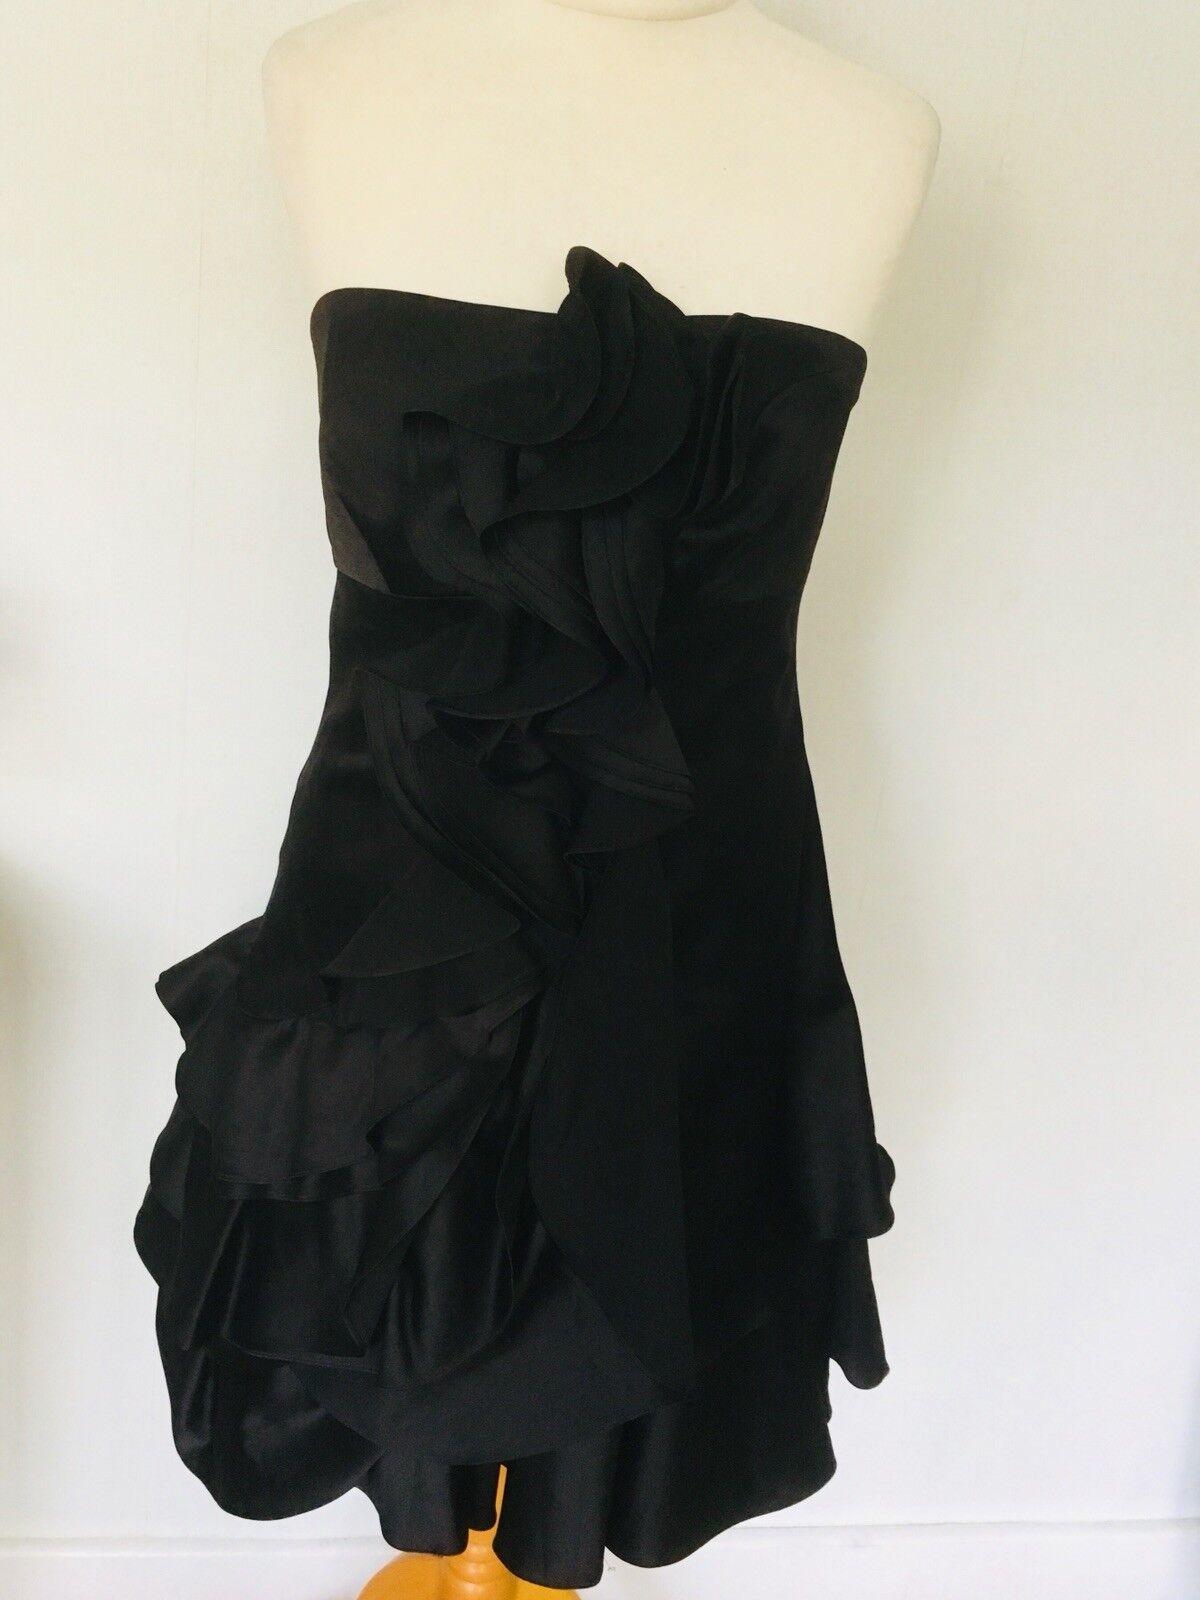 Karen Millen schwarz Corset Ruffle Prom Evening Occasion Dress Größe 14 3A